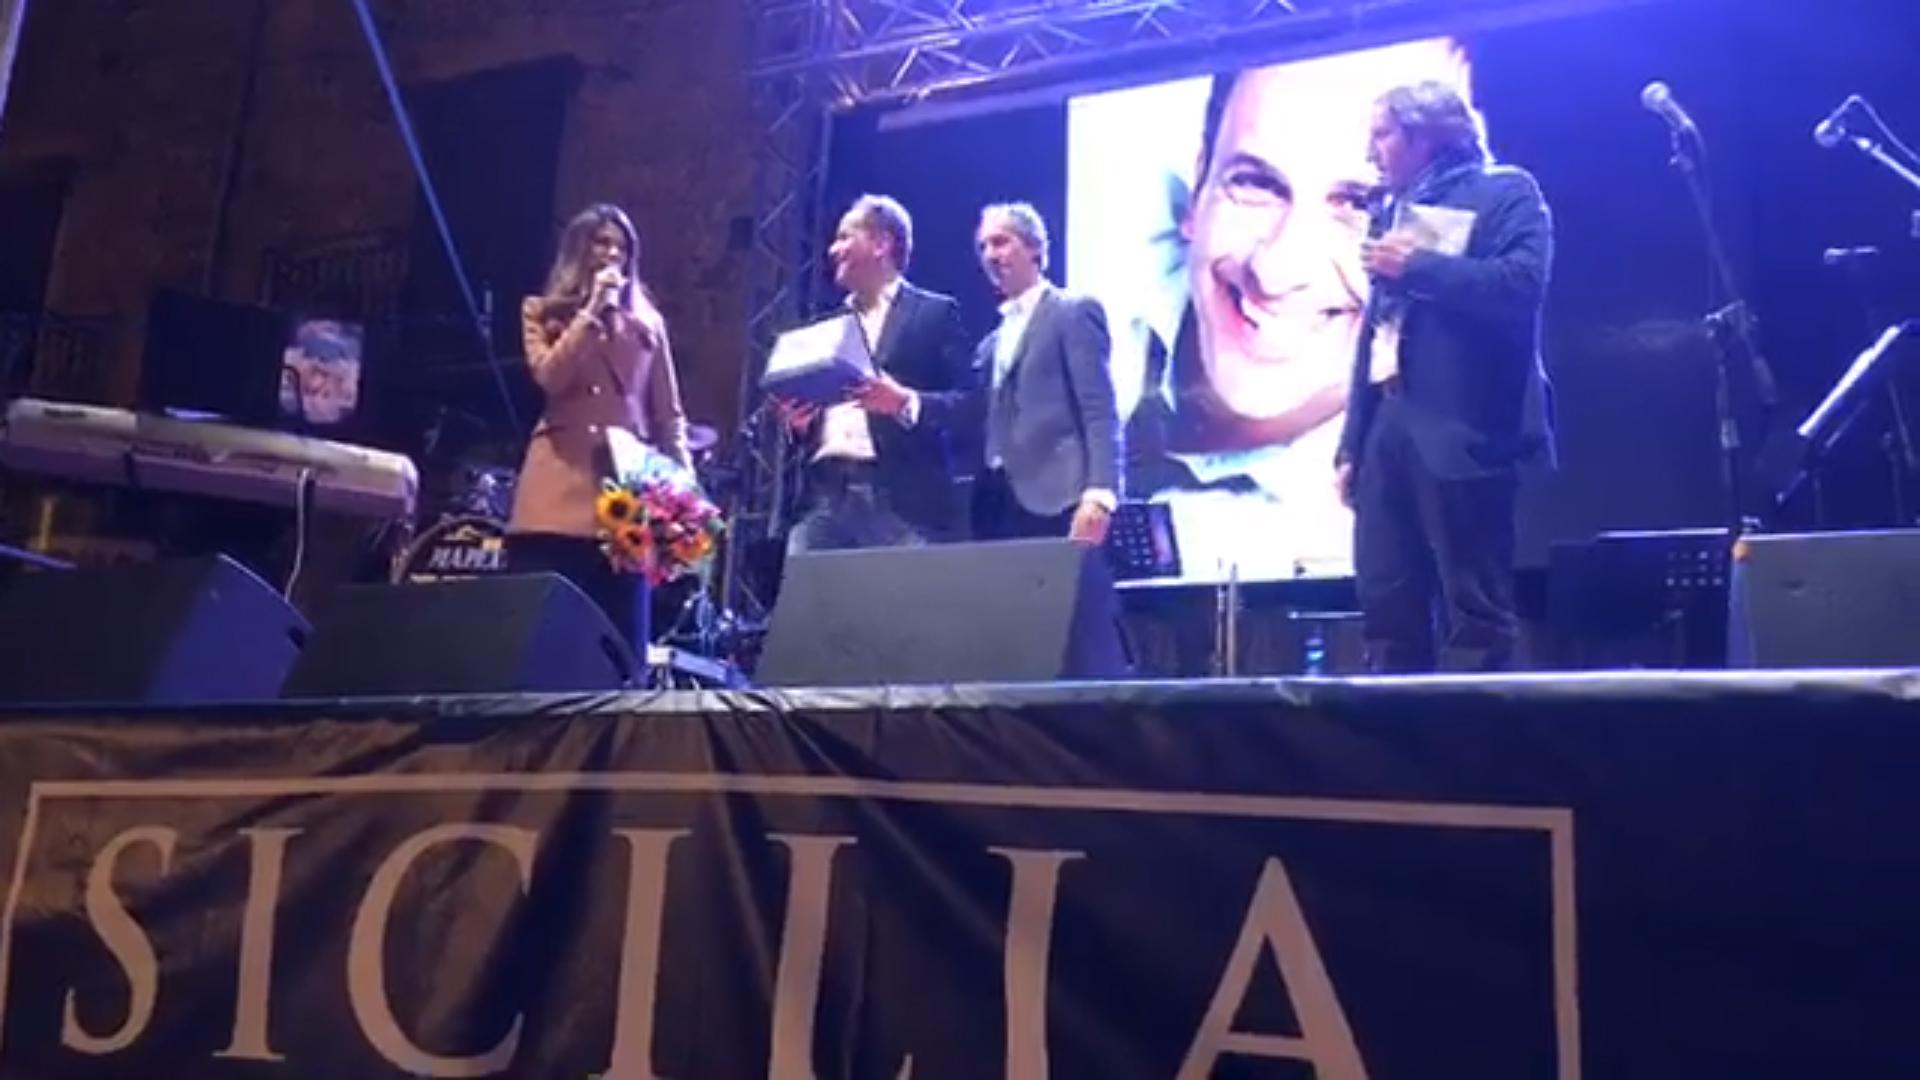 Celebrato a Castelbuono il Premio Internazionale del gusto, tra chef e personaggi tv